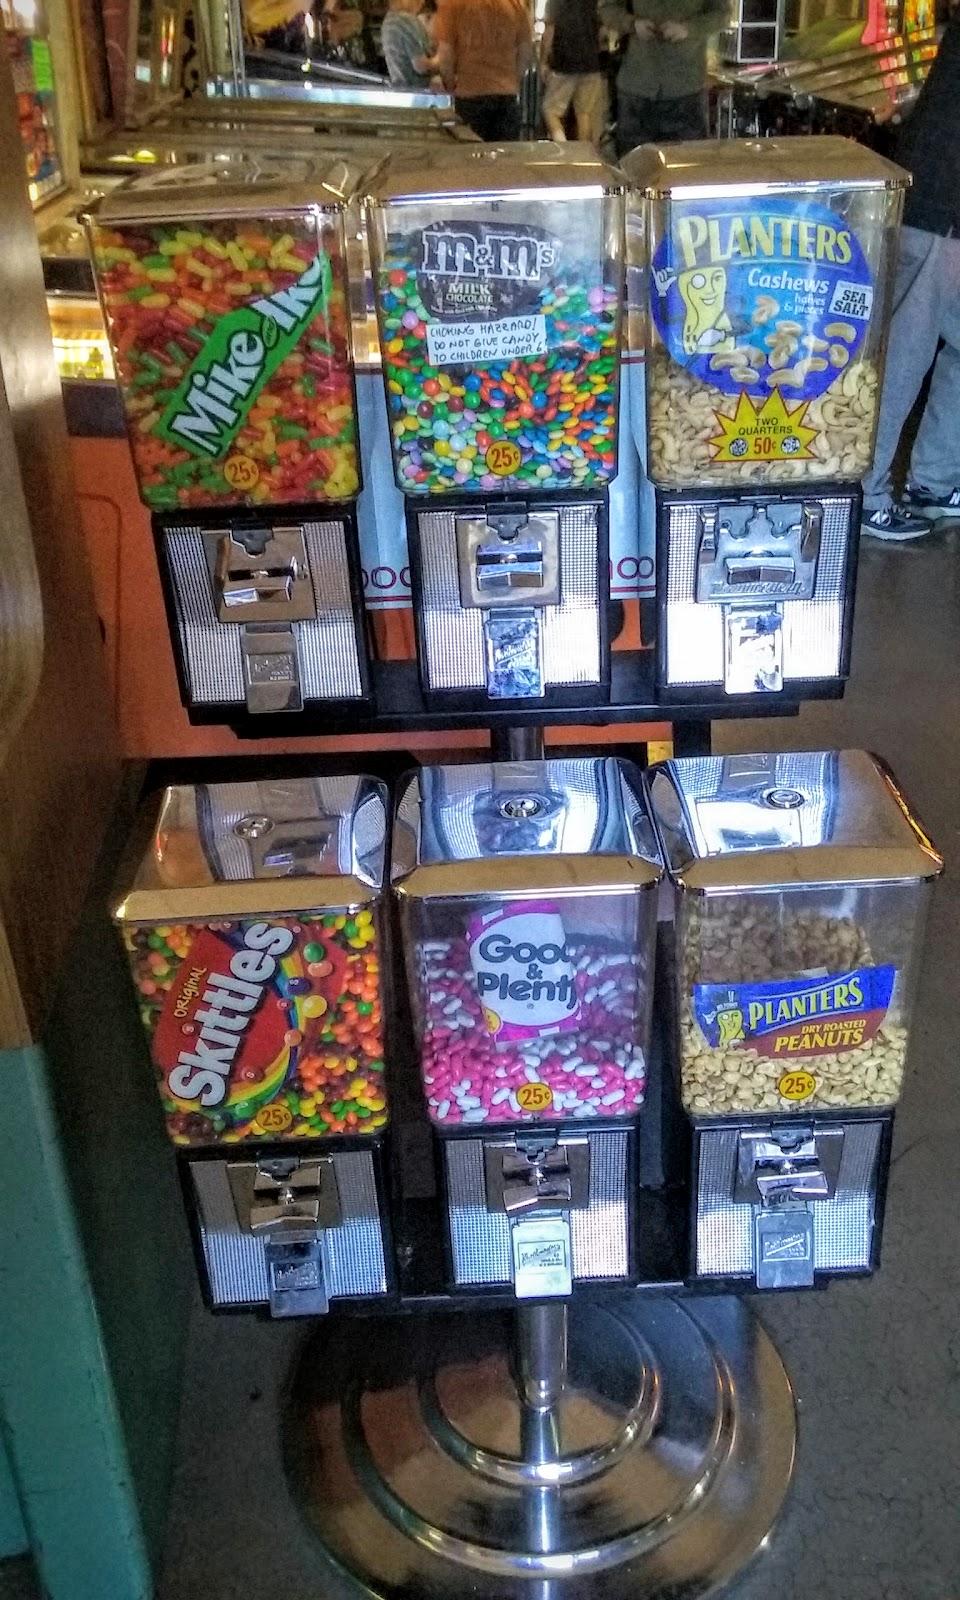 dulces o peanuts hay algunas ubicadas en algunas areas del lugar